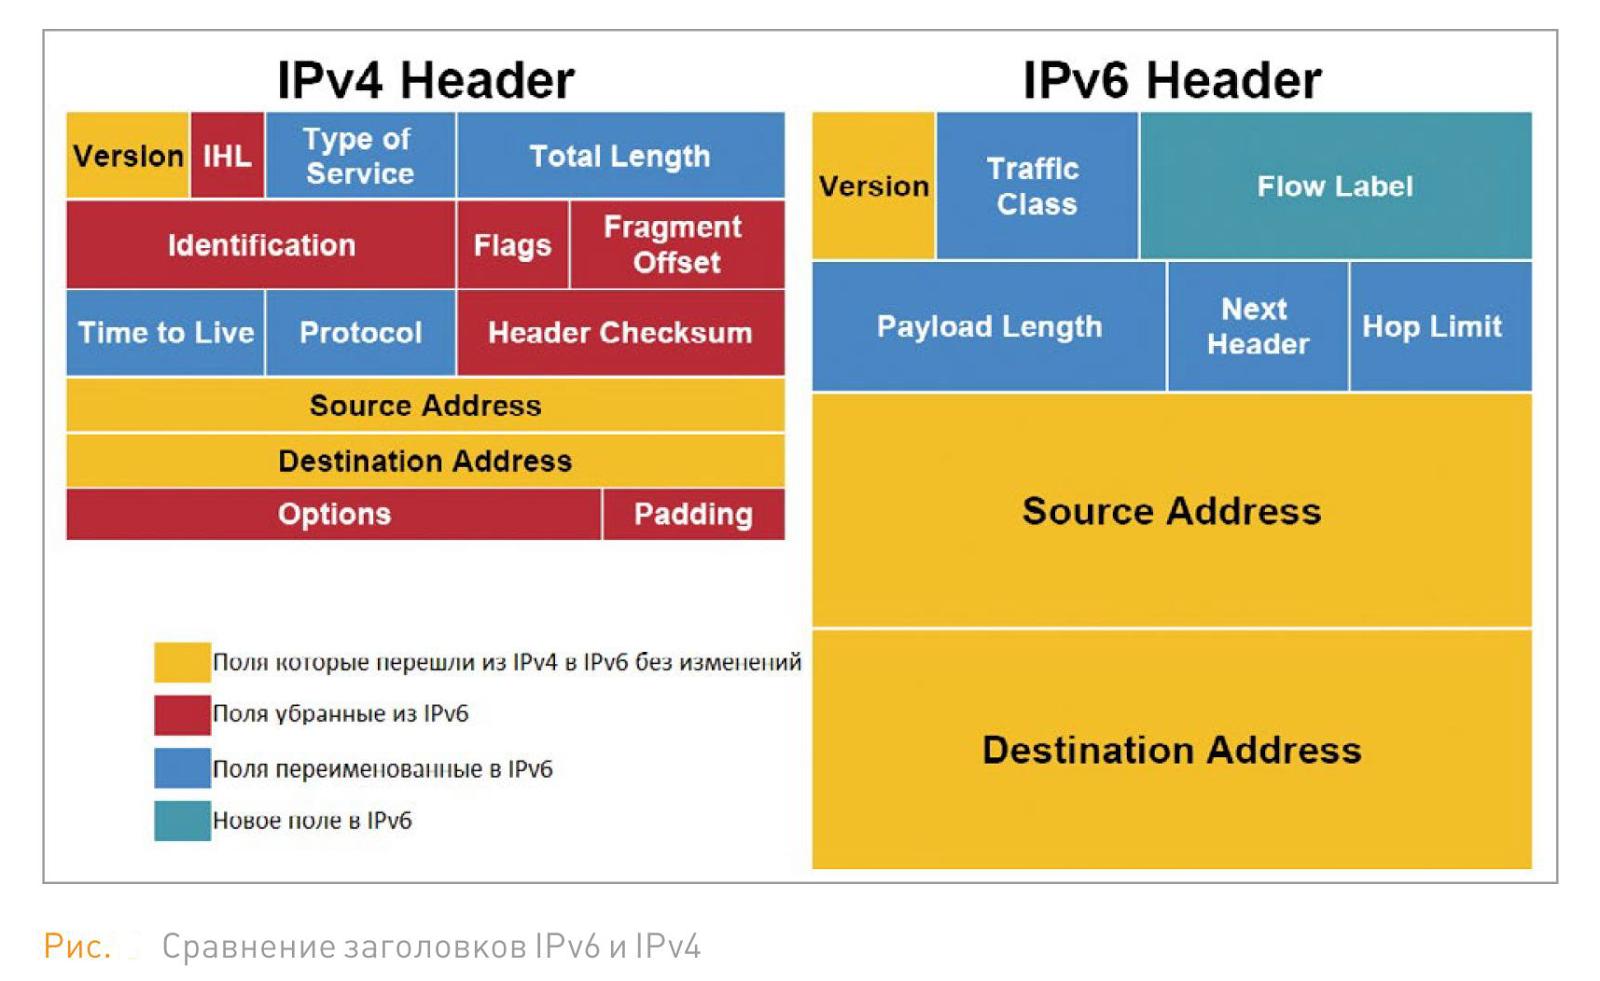 сравнение заголовков IPv6 и IPv4